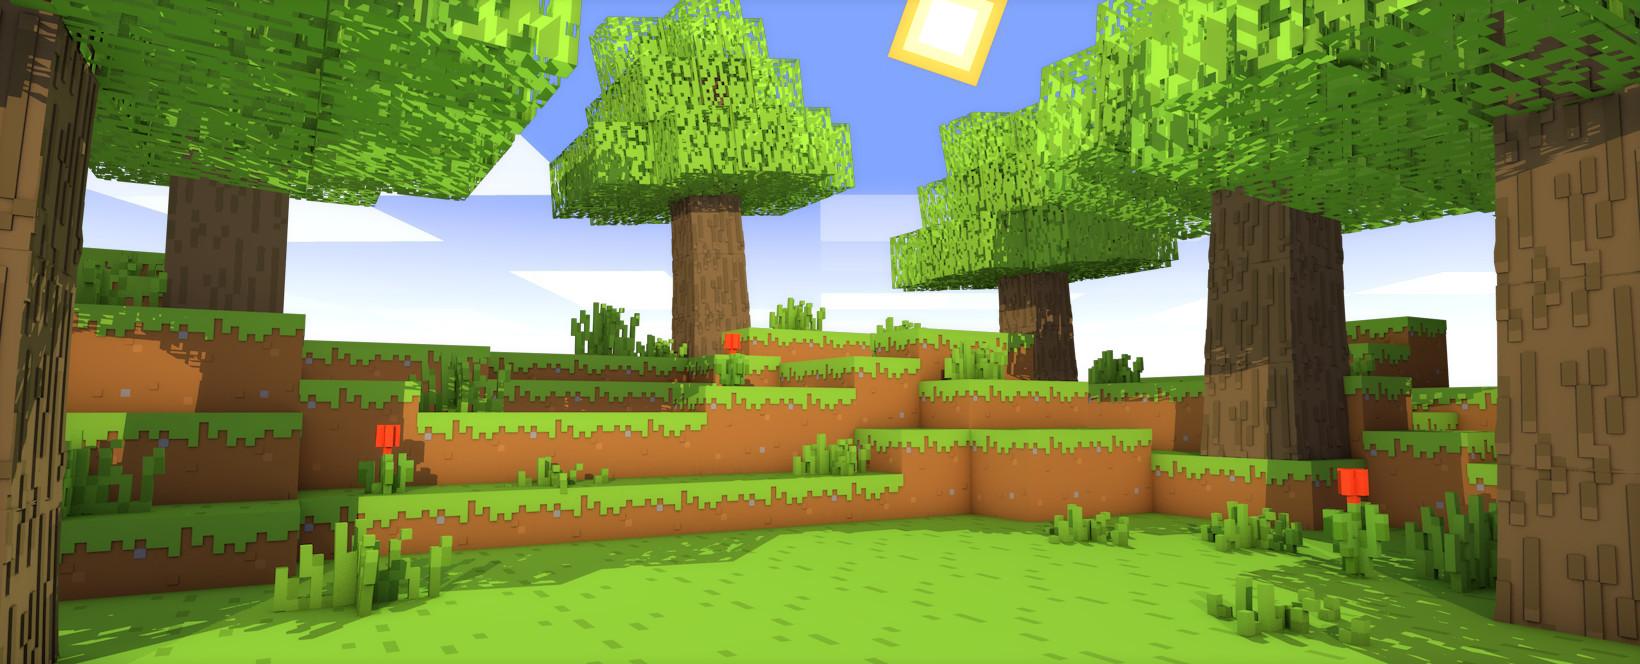 Supawit Oat - [Minecraft Wallpaper